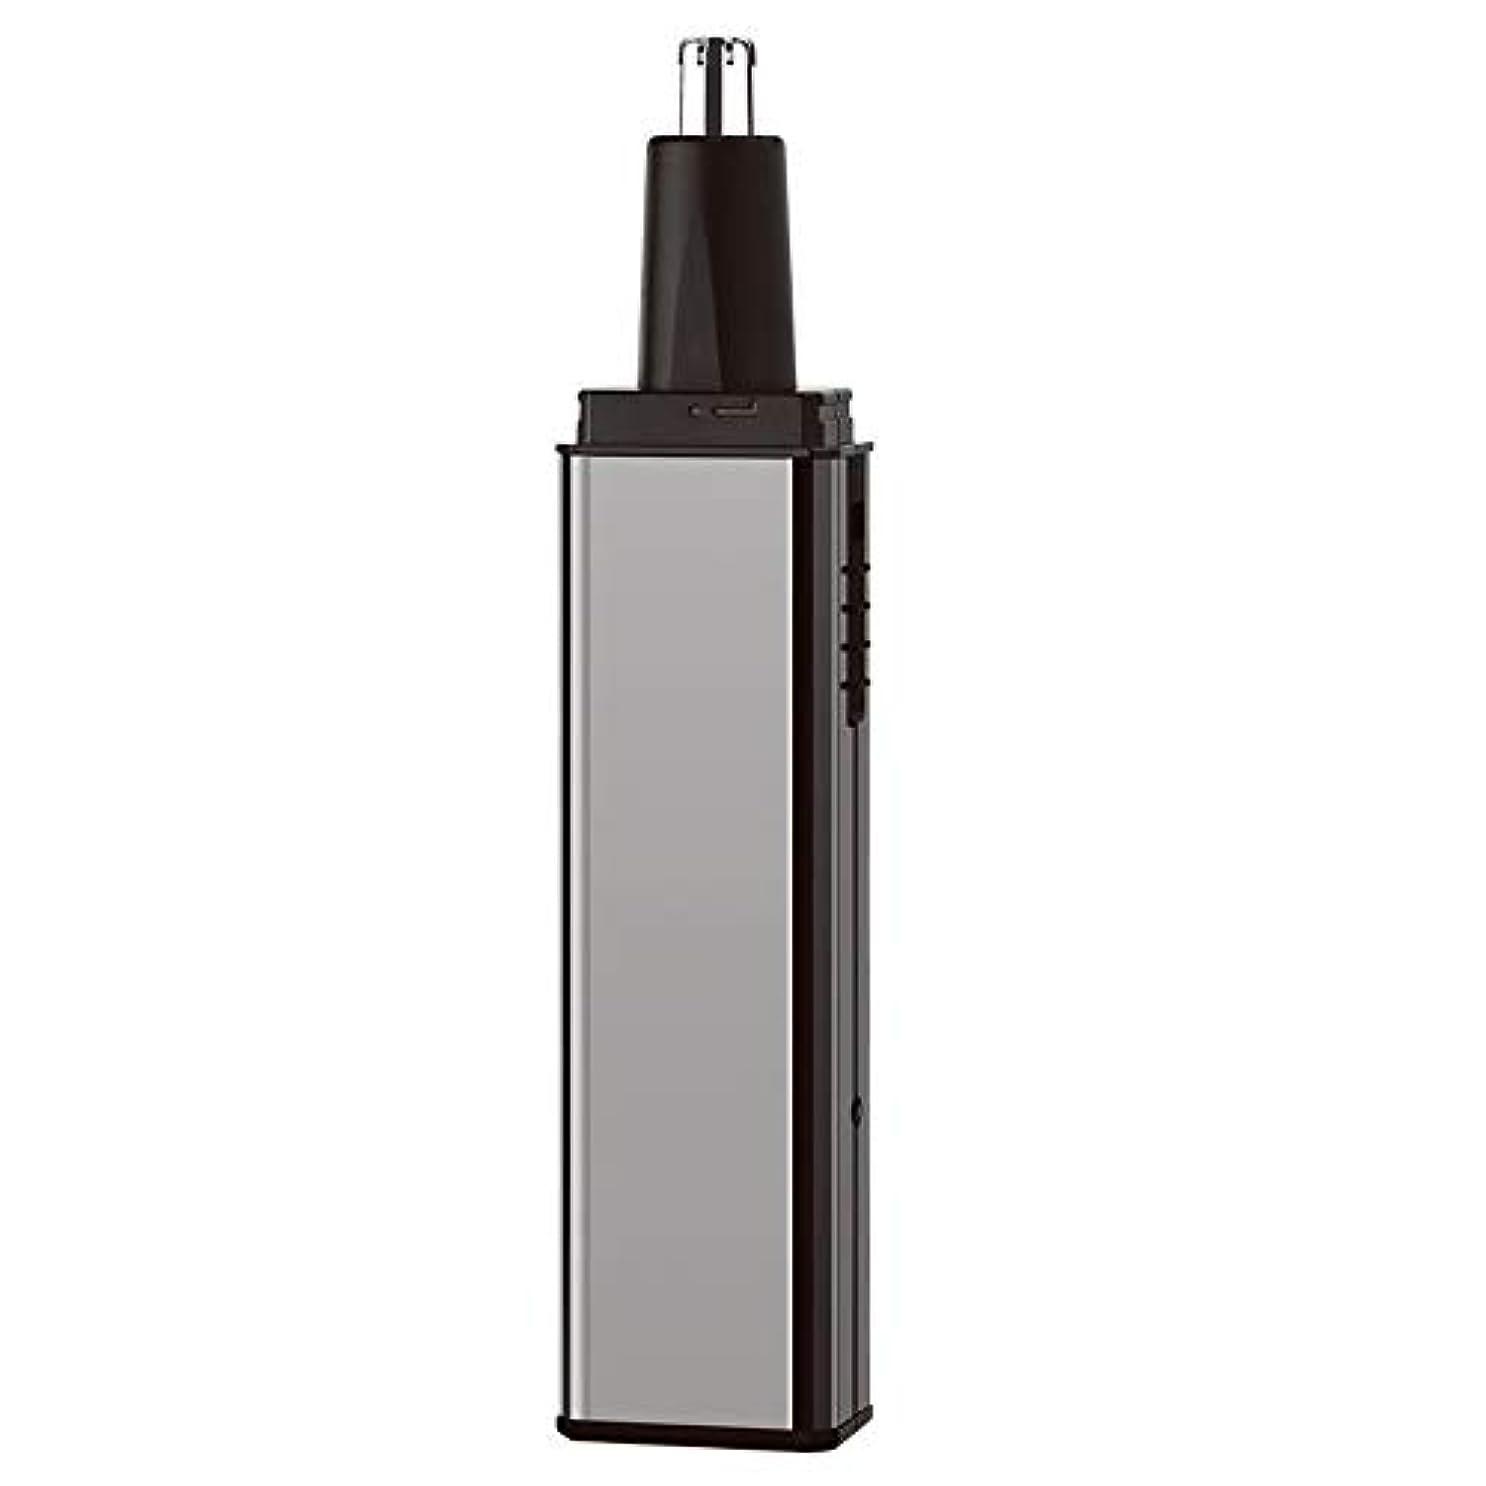 ベアリング折ビリーヤギ鼻毛トリマー-多機能スーツフォーインワン/電気鼻毛トリマー/ステンレススチール/多機能/ 13.5 * 2.7cm お手入れが簡単